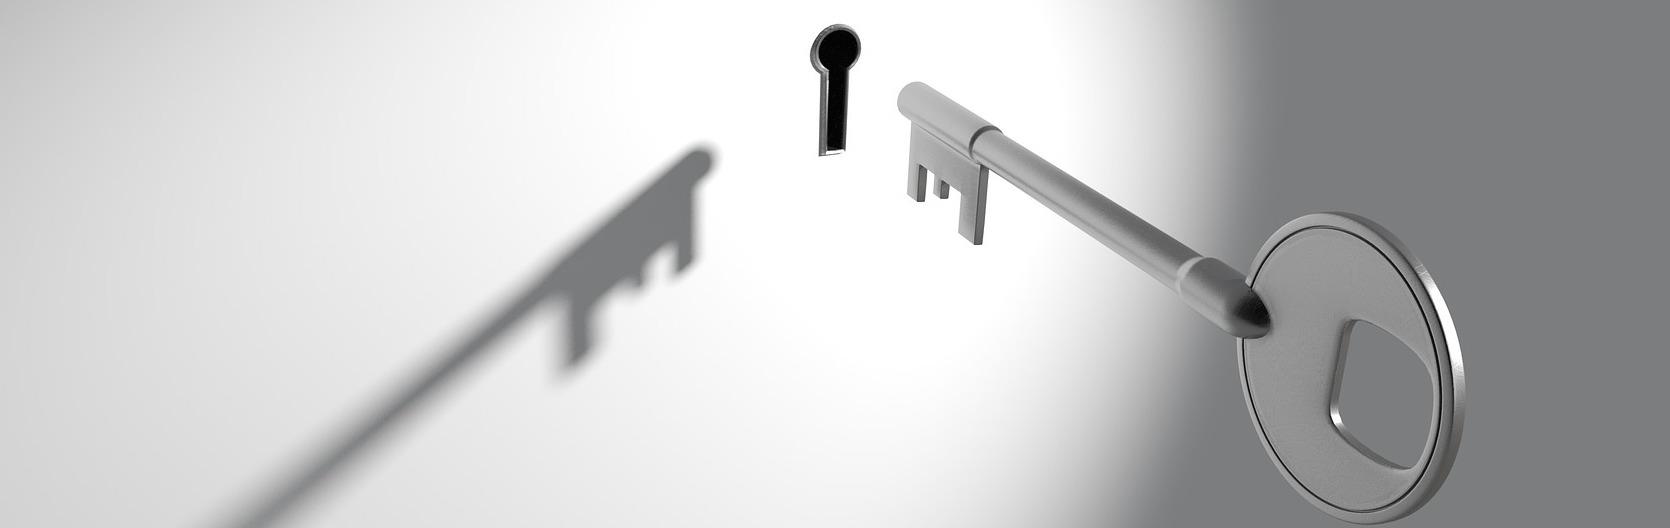 key-2114046_1920